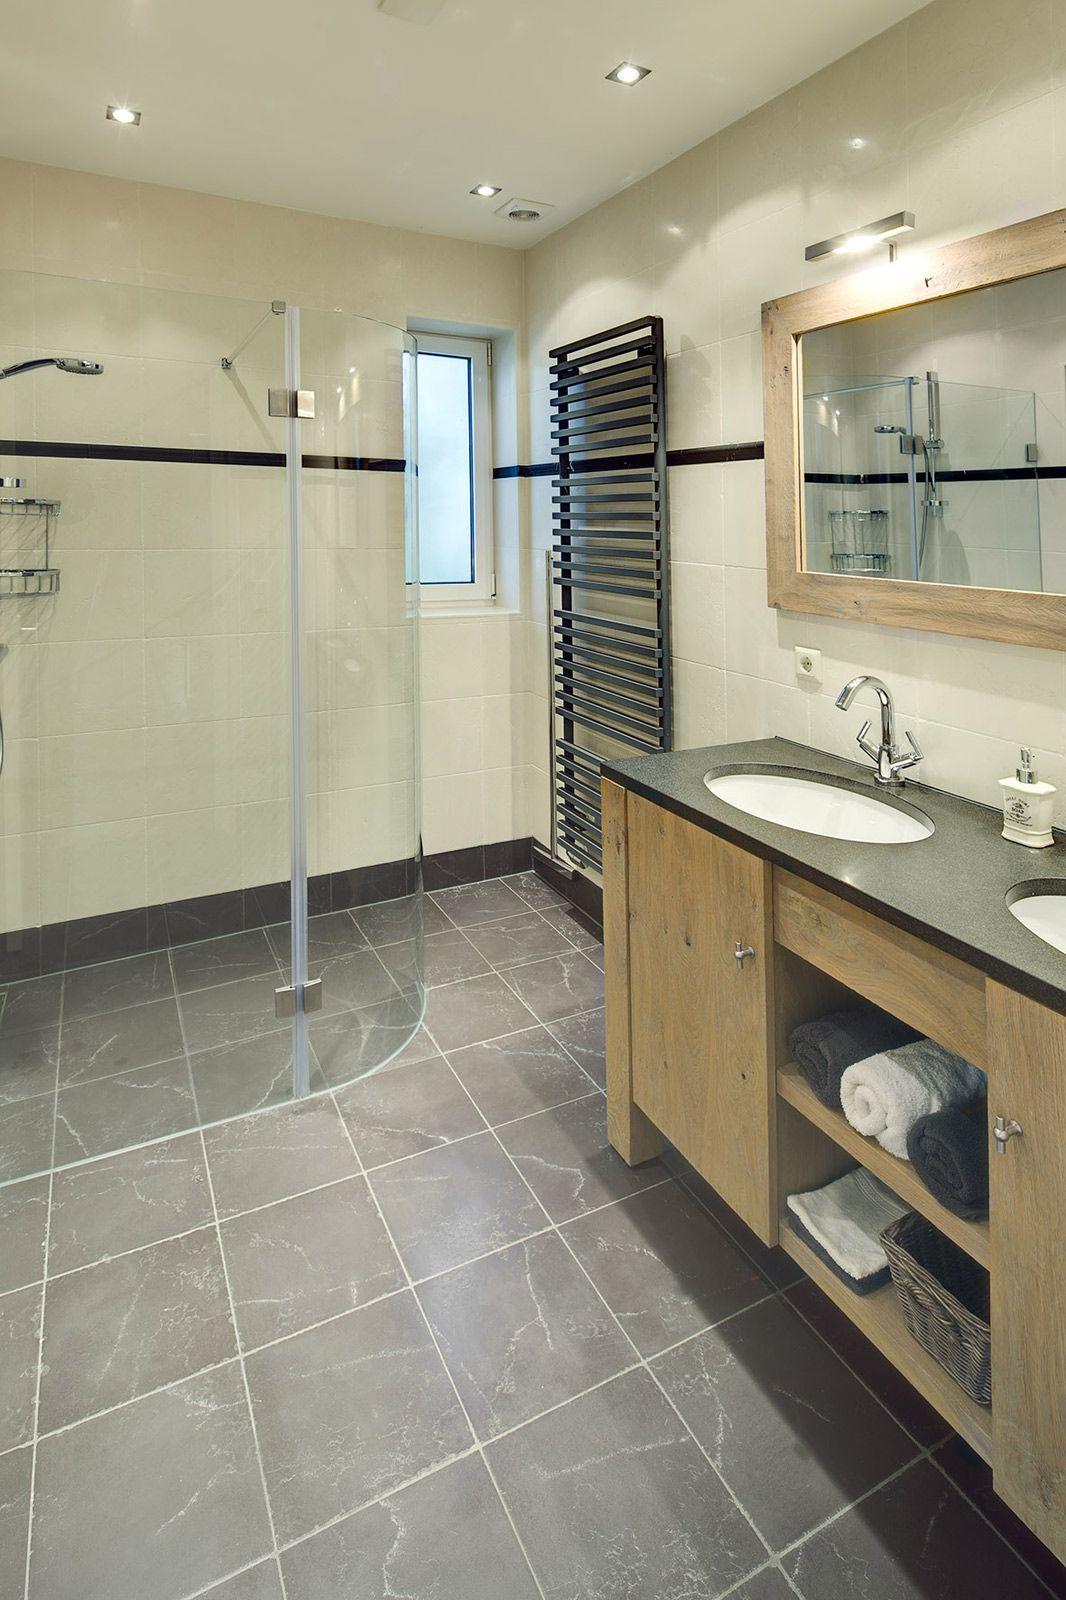 badkamer met natuurstenen tegels voor een landelijke uitstraling